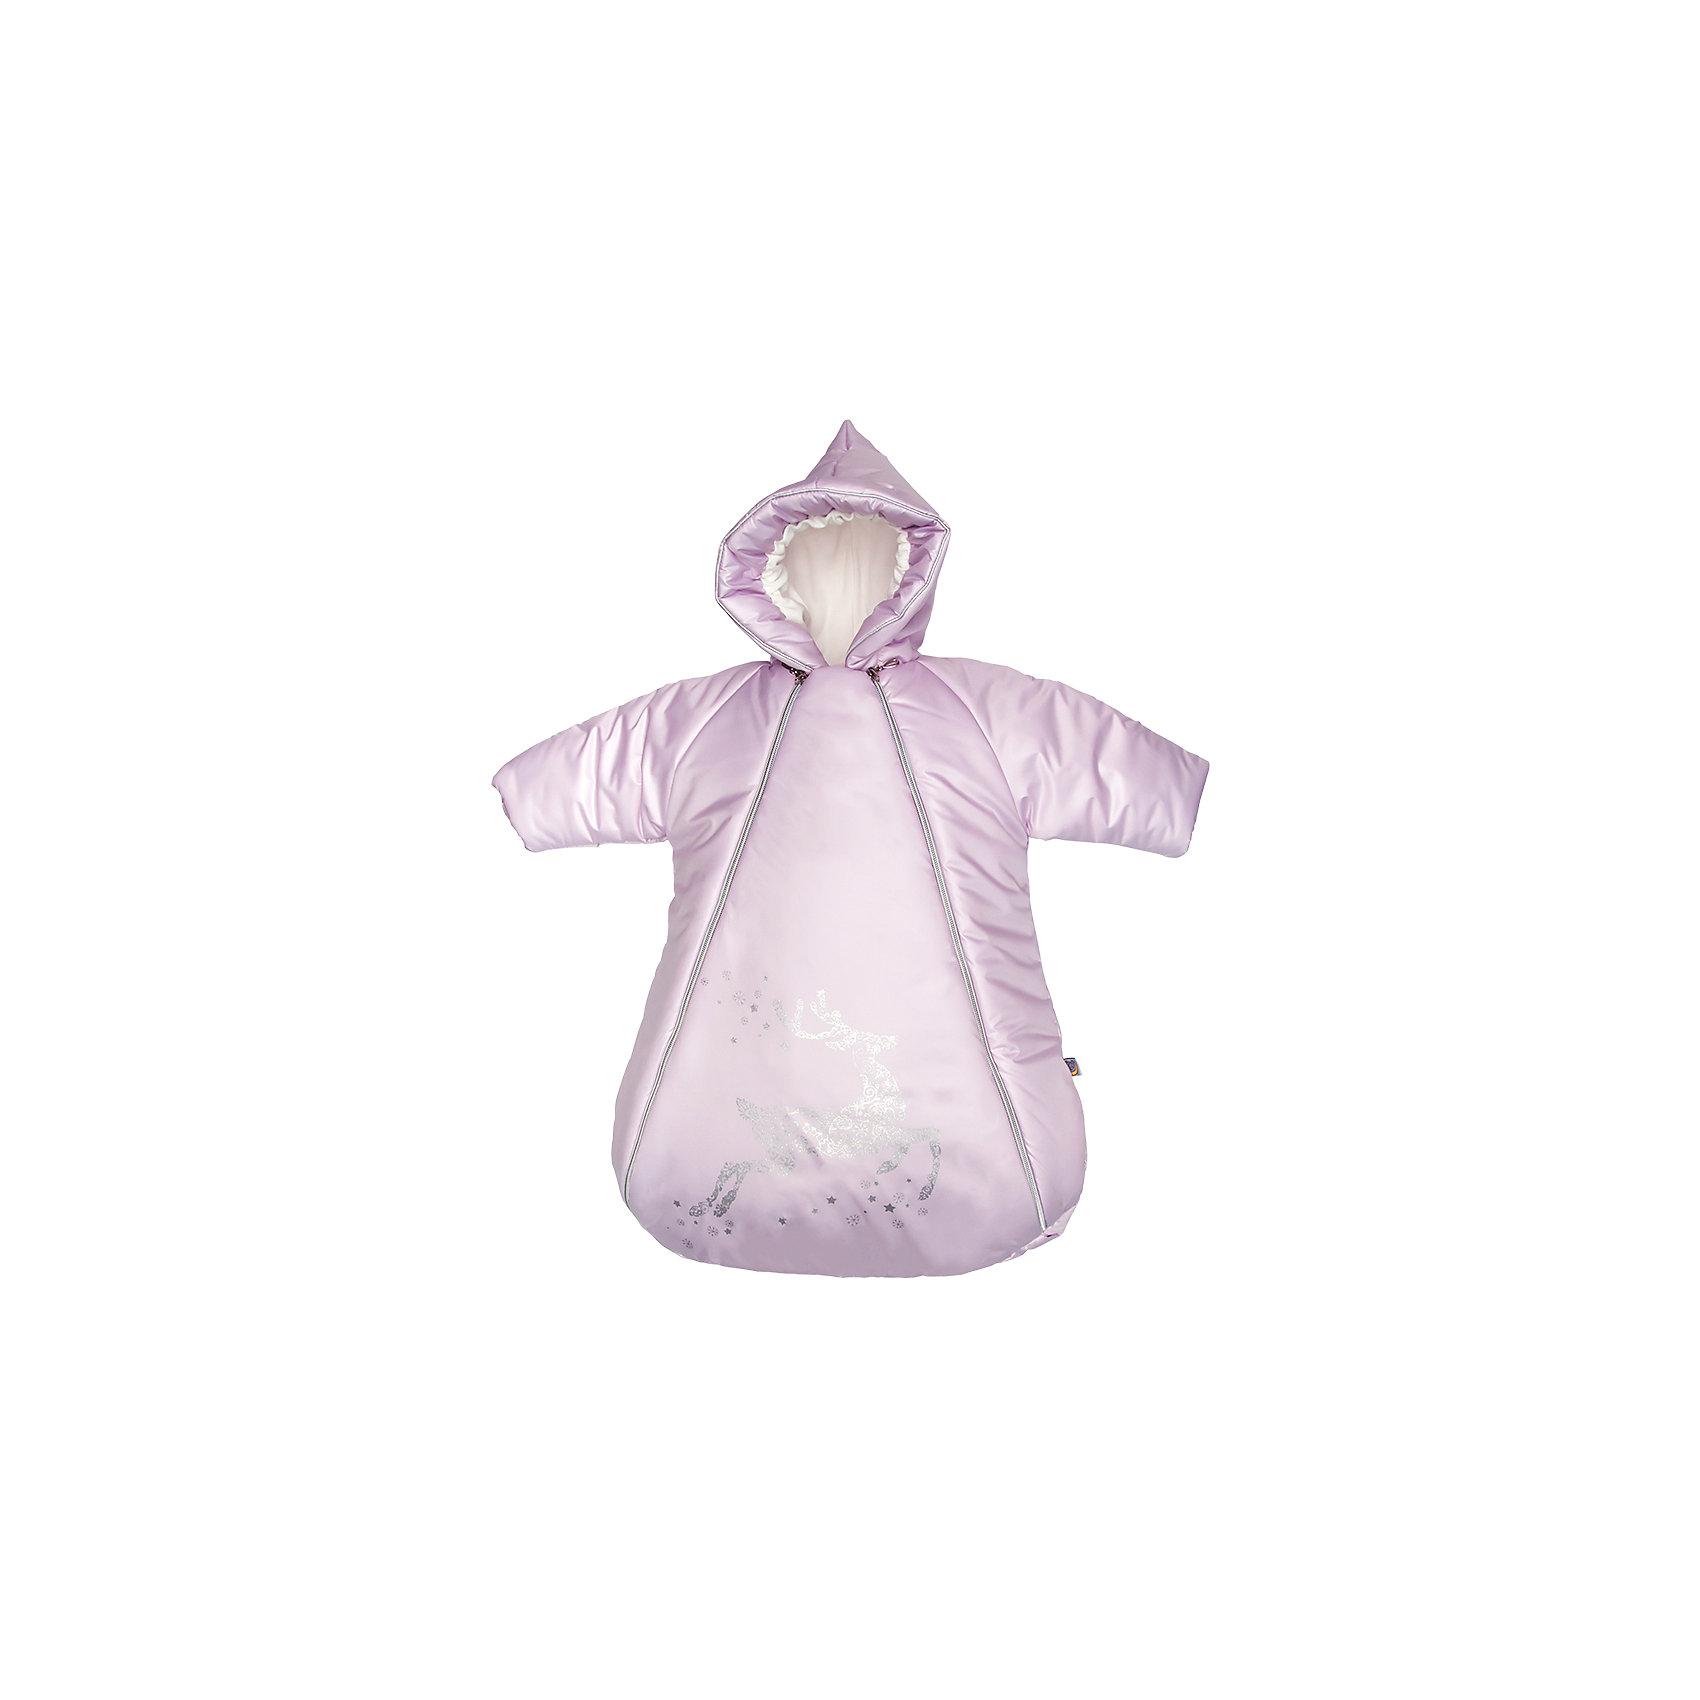 Конверт с ручками Созвездие, Сонный гномик, розовыйЗимние конверты<br>Характеристики:<br><br>• Вид детского текстиля: конверт<br>• Предназначение: для прогулки, для выписки<br>• Сезон: зима<br>• Форма конверта: кокон<br>• Утеплитель: шелтер кидс, 200 г/кв.м<br>• Степень утепления: высокая<br>• Температурный режим: от -5? С до -20? С<br>• Пол: для девочики<br>• Тематика рисунка: олень<br>• Материал: дюспо (100% полиэстер); натуральная овечья шерсть<br>• Цвет: розовый, серебристый<br>• Размеры: 45*80 см<br>• По бокам имеются застежки-молнии<br>• Вес в упаковке: 830 г<br>• Особенности ухода: допускается щадящая химчистка или деликатная стирка <br><br>Конверт с ручками Созвездие, Сонный гномик, розовый от отечественного торгового бренда изготовлен с учетом международных требований к качеству и безопасности товаров для детей. Конверт предназначен для прогулок в холодное время года. Выполнен в форме кокона с ручками и капюшоном. Верх изделия выполнен из особо прочного материала – дюспо, который отличается повышенными водоотталкивающими и непродуваемыми свойствами. Высокую степень утепления конверта обеспечивает гипоаллергенный шелтер и натуральная овечья шерсть. Для удобства одевания на передней полочке предусмотрены две косые застежки-молнии. Внутренняя часть капюшона и манжеты на рукавах выполнены из флиса. У горловины предусмотрен дополнительный защитный от продувания и холода клапан. Конверт декорирован серебристой окантовкой и принтом с изображением оленя. Конверт с ручками Созвездие, Сонный гномик, розовый обеспечит быстрое одевание и комфортные прогулки даже в самую холодную погоду!<br><br>Конверт с ручками Созвездие, Сонный гномик, розовый можно купить в нашем интернет-магазине.<br><br>Ширина мм: 660<br>Глубина мм: 90<br>Высота мм: 450<br>Вес г: 800<br>Возраст от месяцев: 0<br>Возраст до месяцев: 9<br>Пол: Женский<br>Возраст: Детский<br>SKU: 4922776